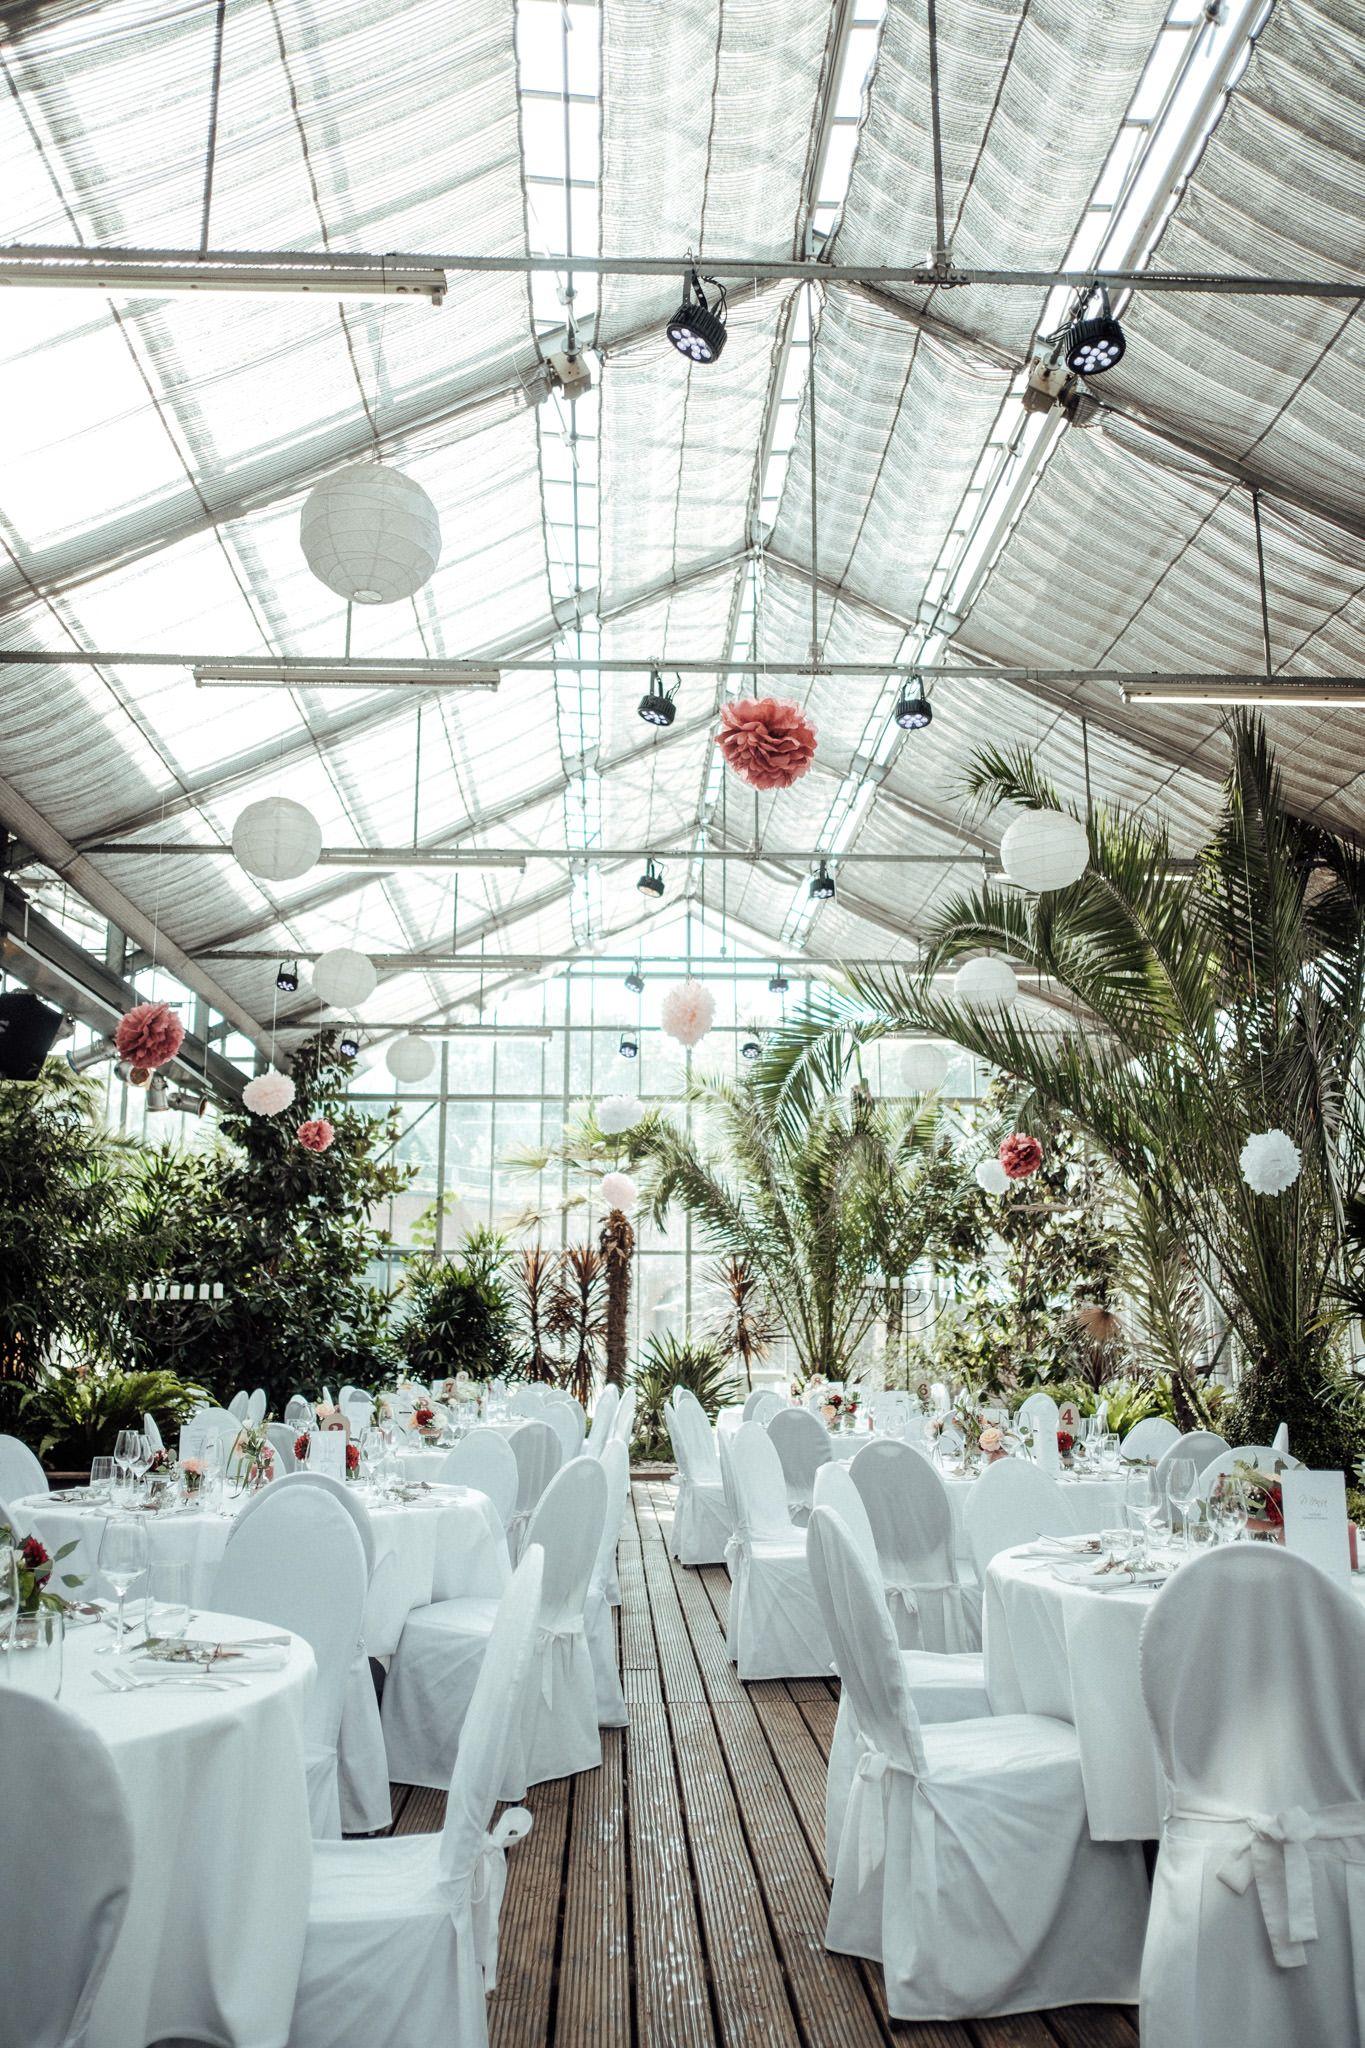 Hochzeit Im Gewachshaus 100 Jahre Liebe Vintage Hochzeit Im